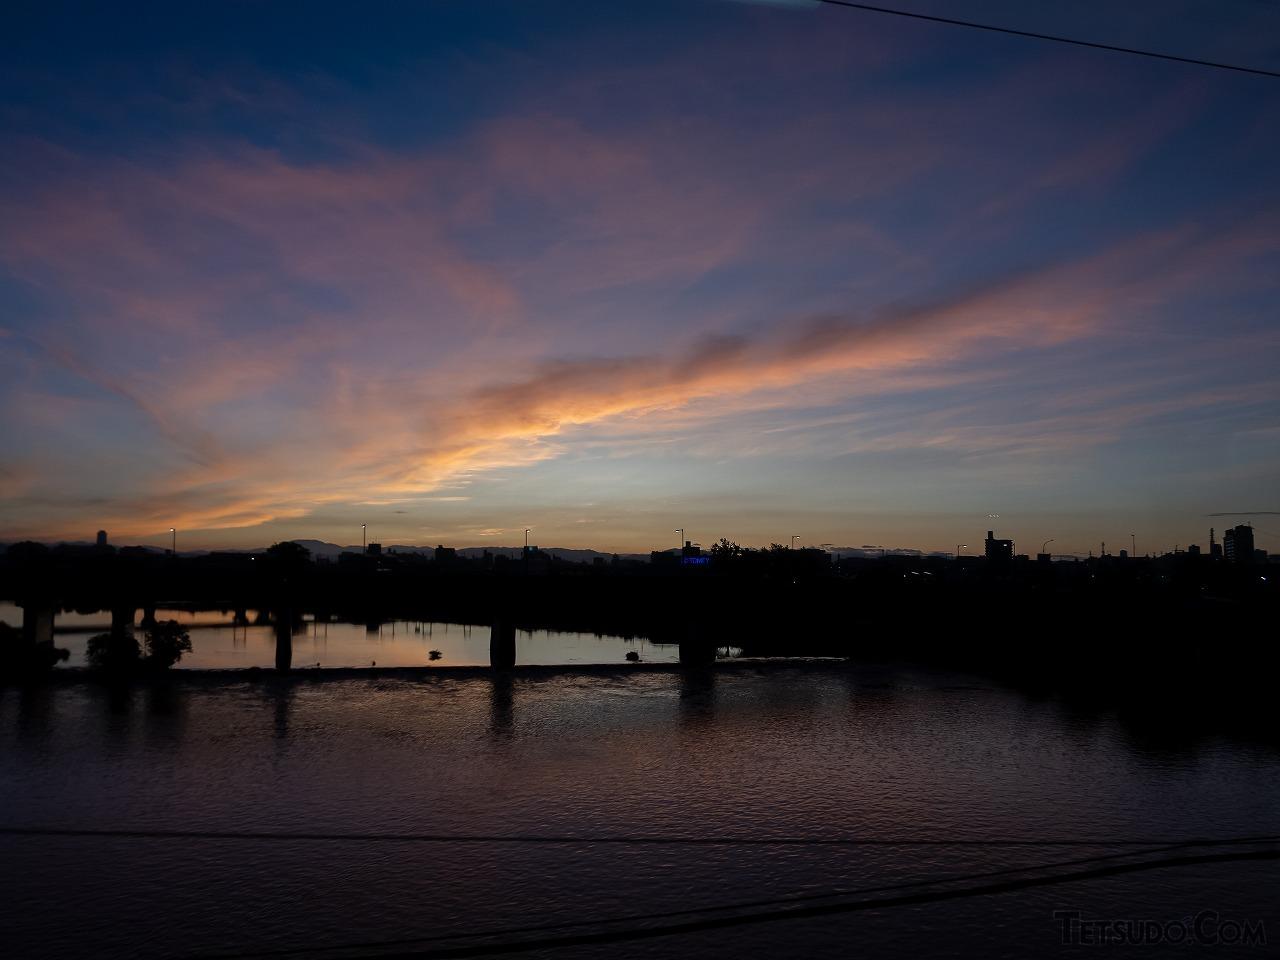 5時14分、暁の庄内川を通過。この日は素晴らしい朝焼けを見ることができました